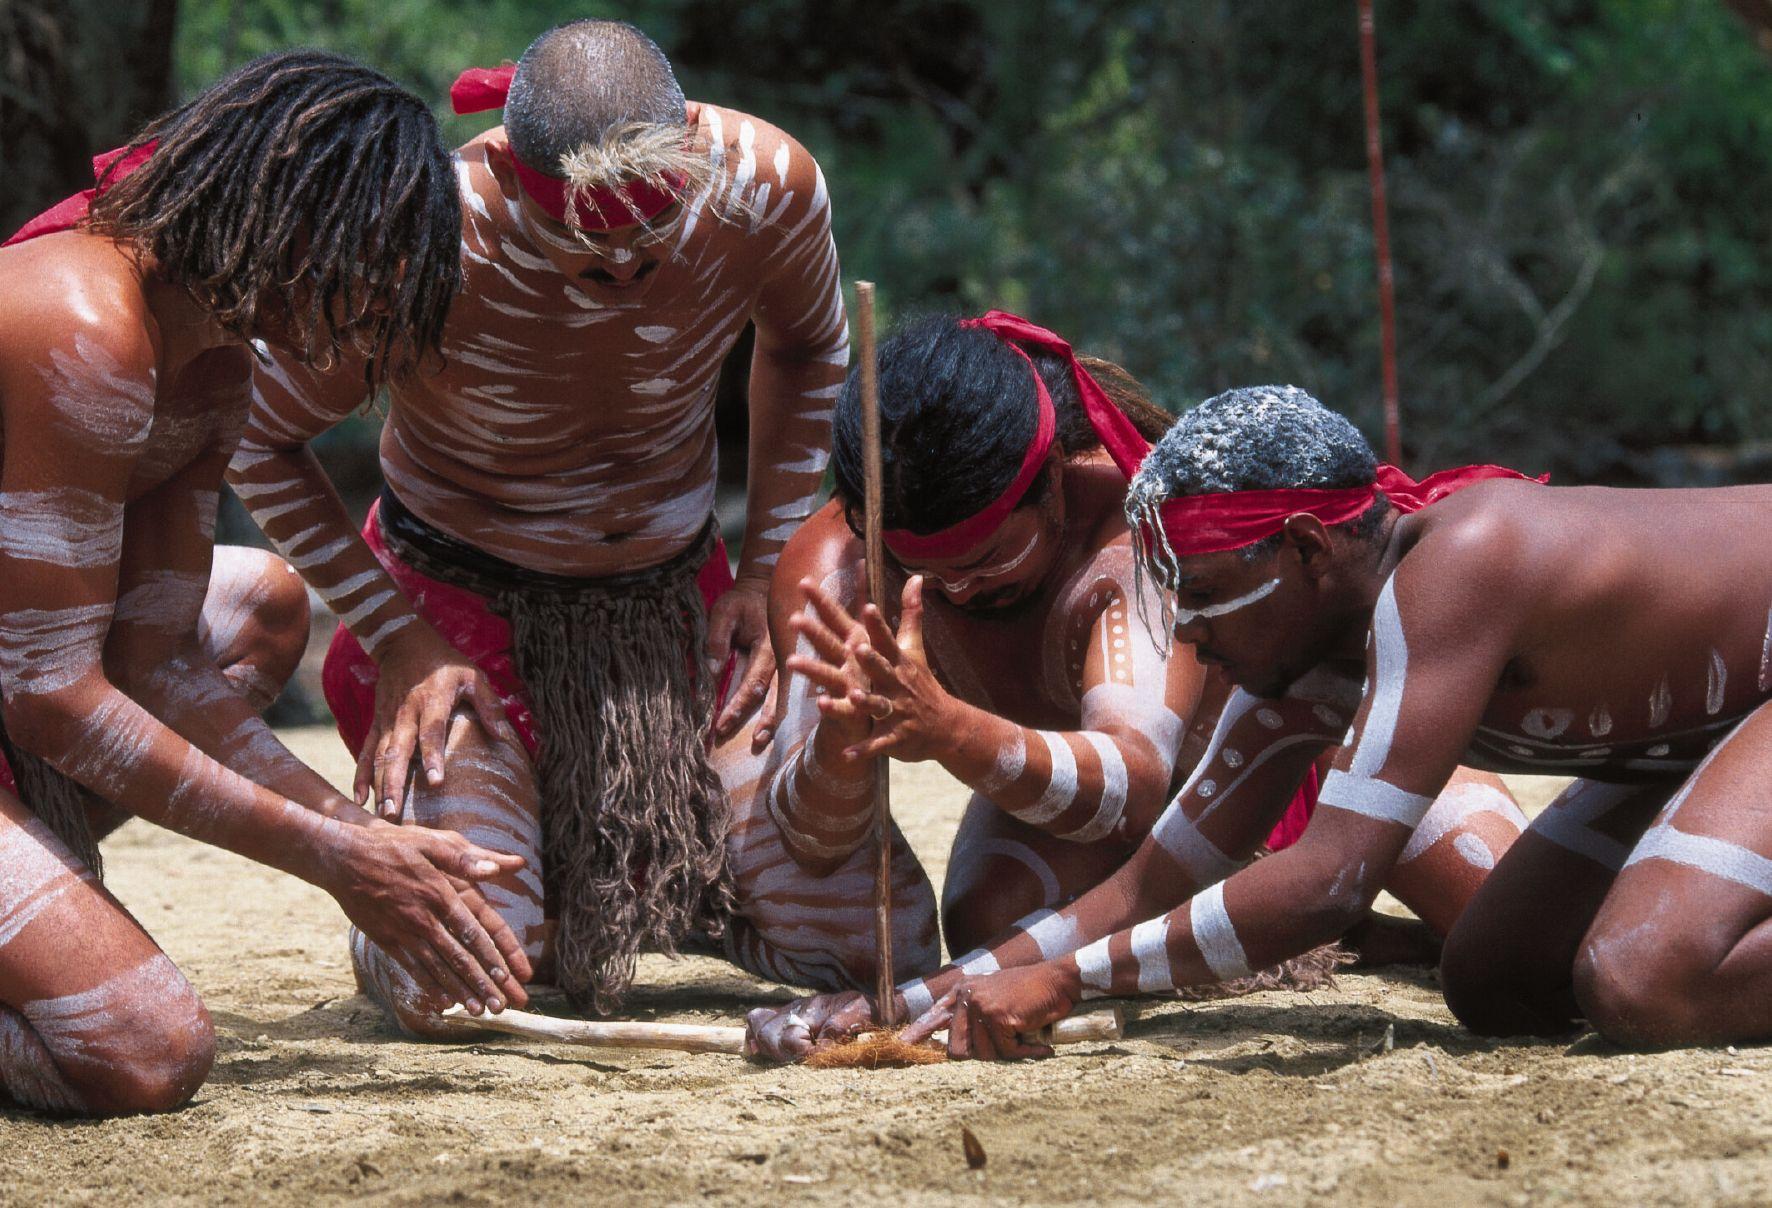 17 неверојатни факти што можеби не сте ги знаеле за животот и верувањата на Абориџините